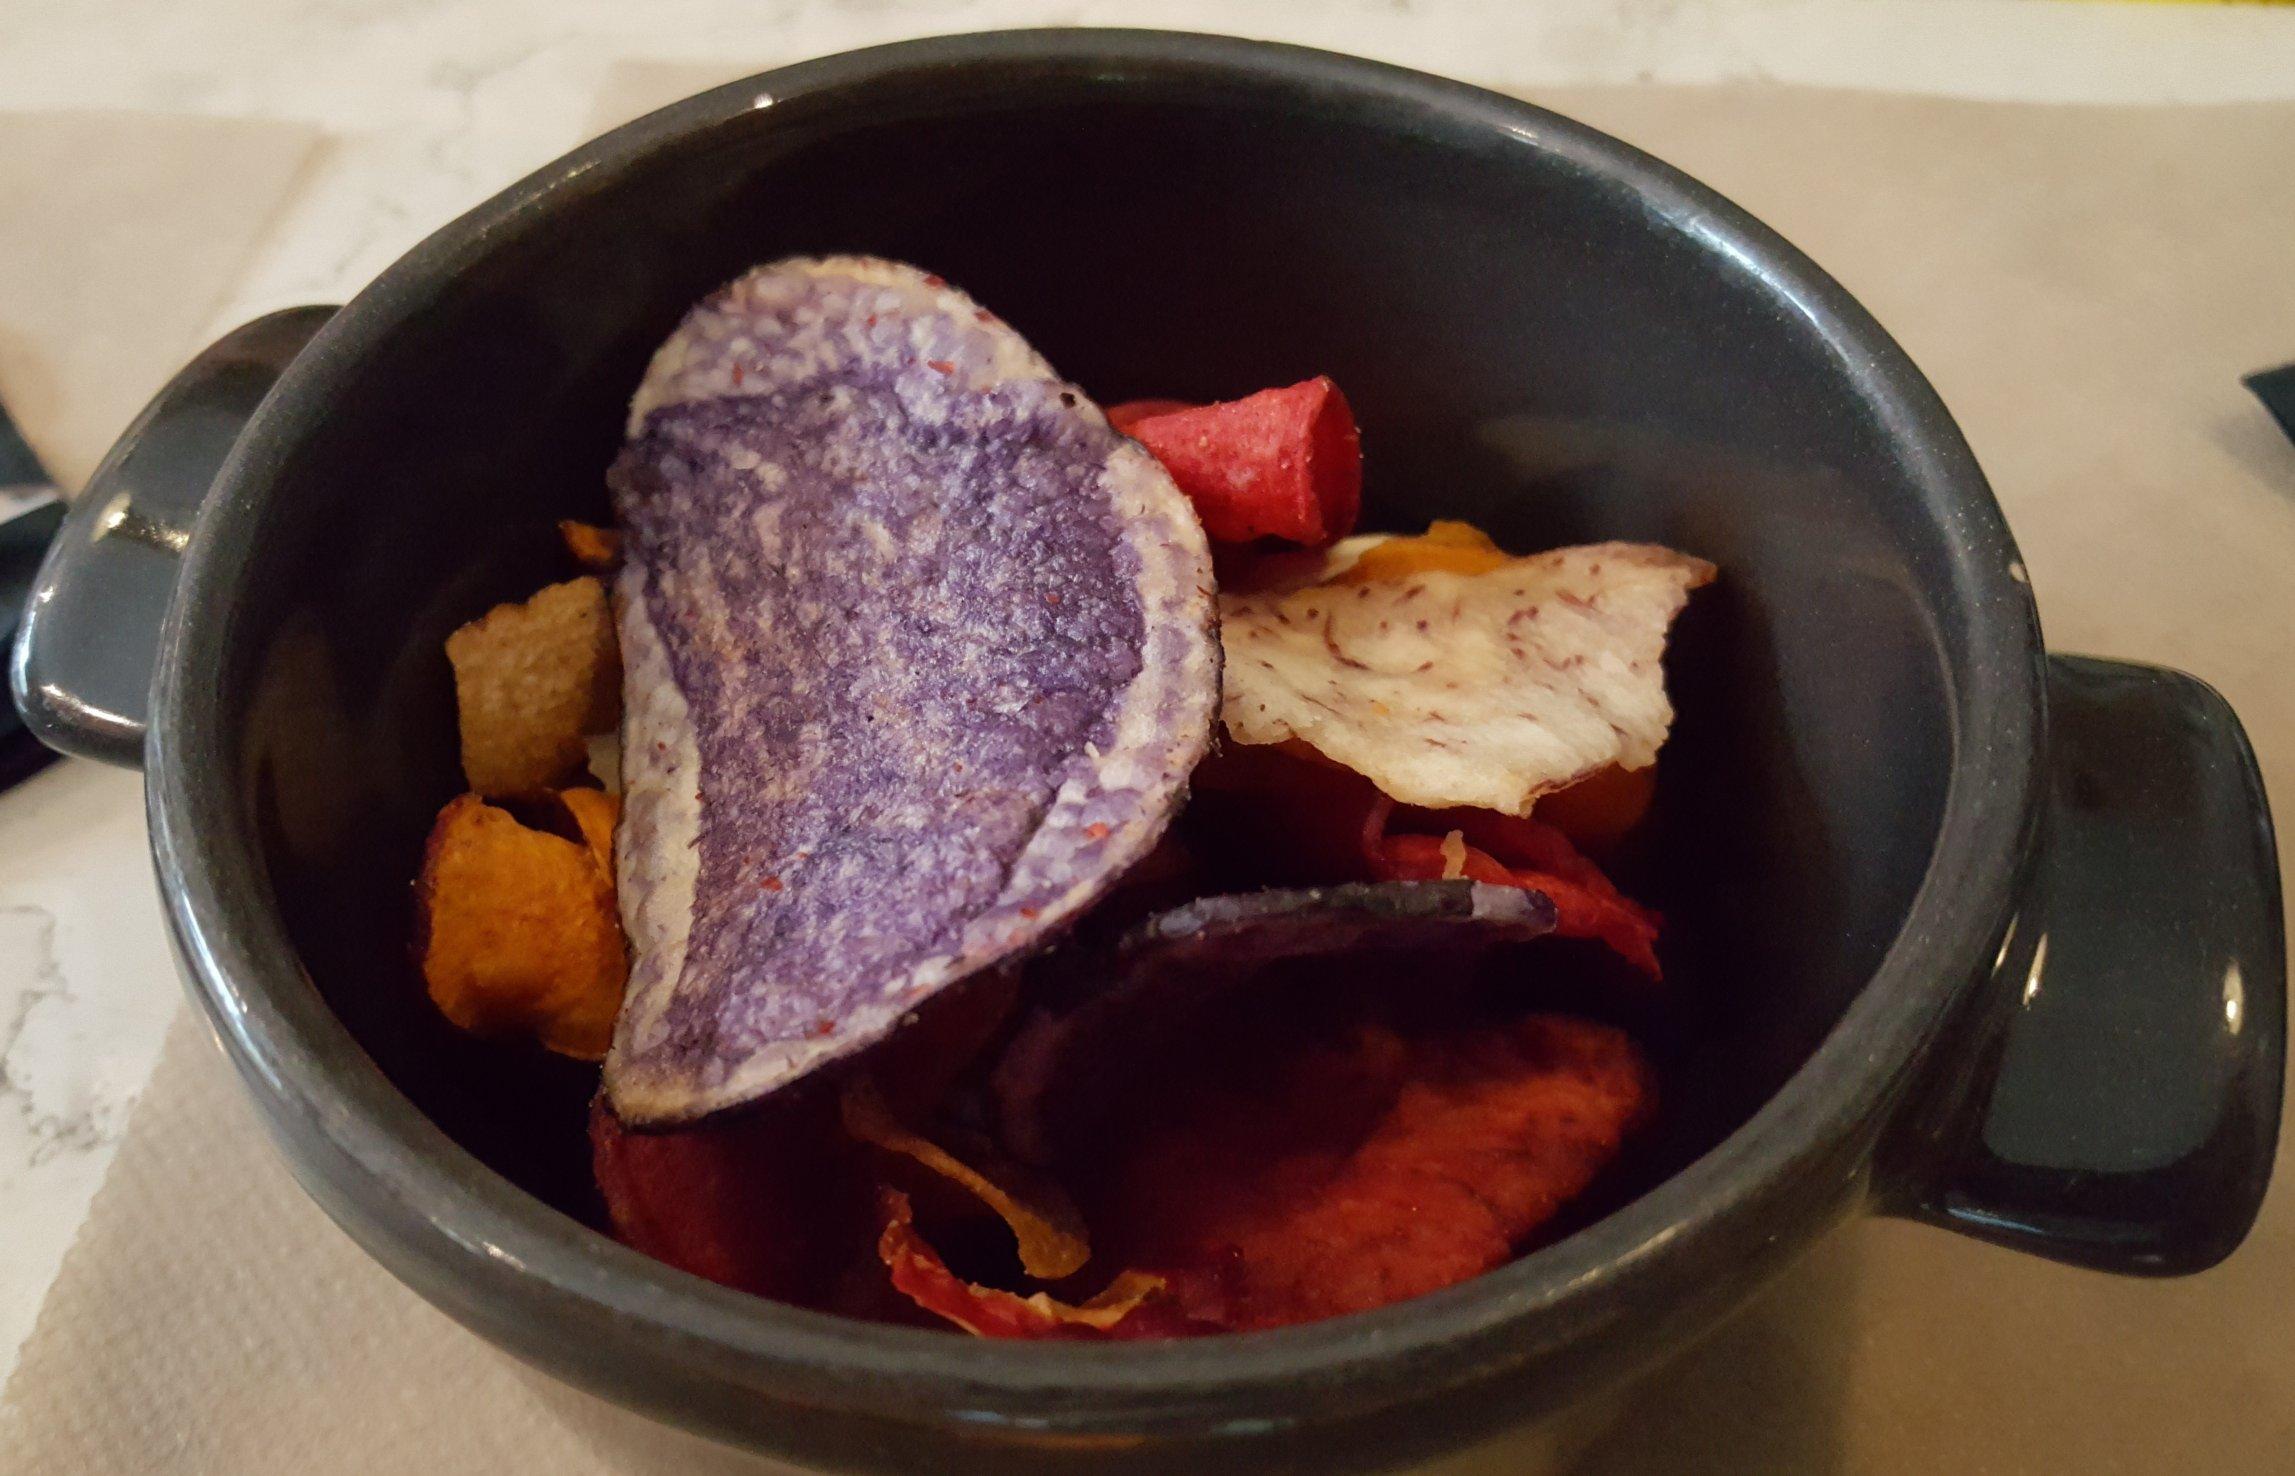 Chips homemade - perfetti per iniziare